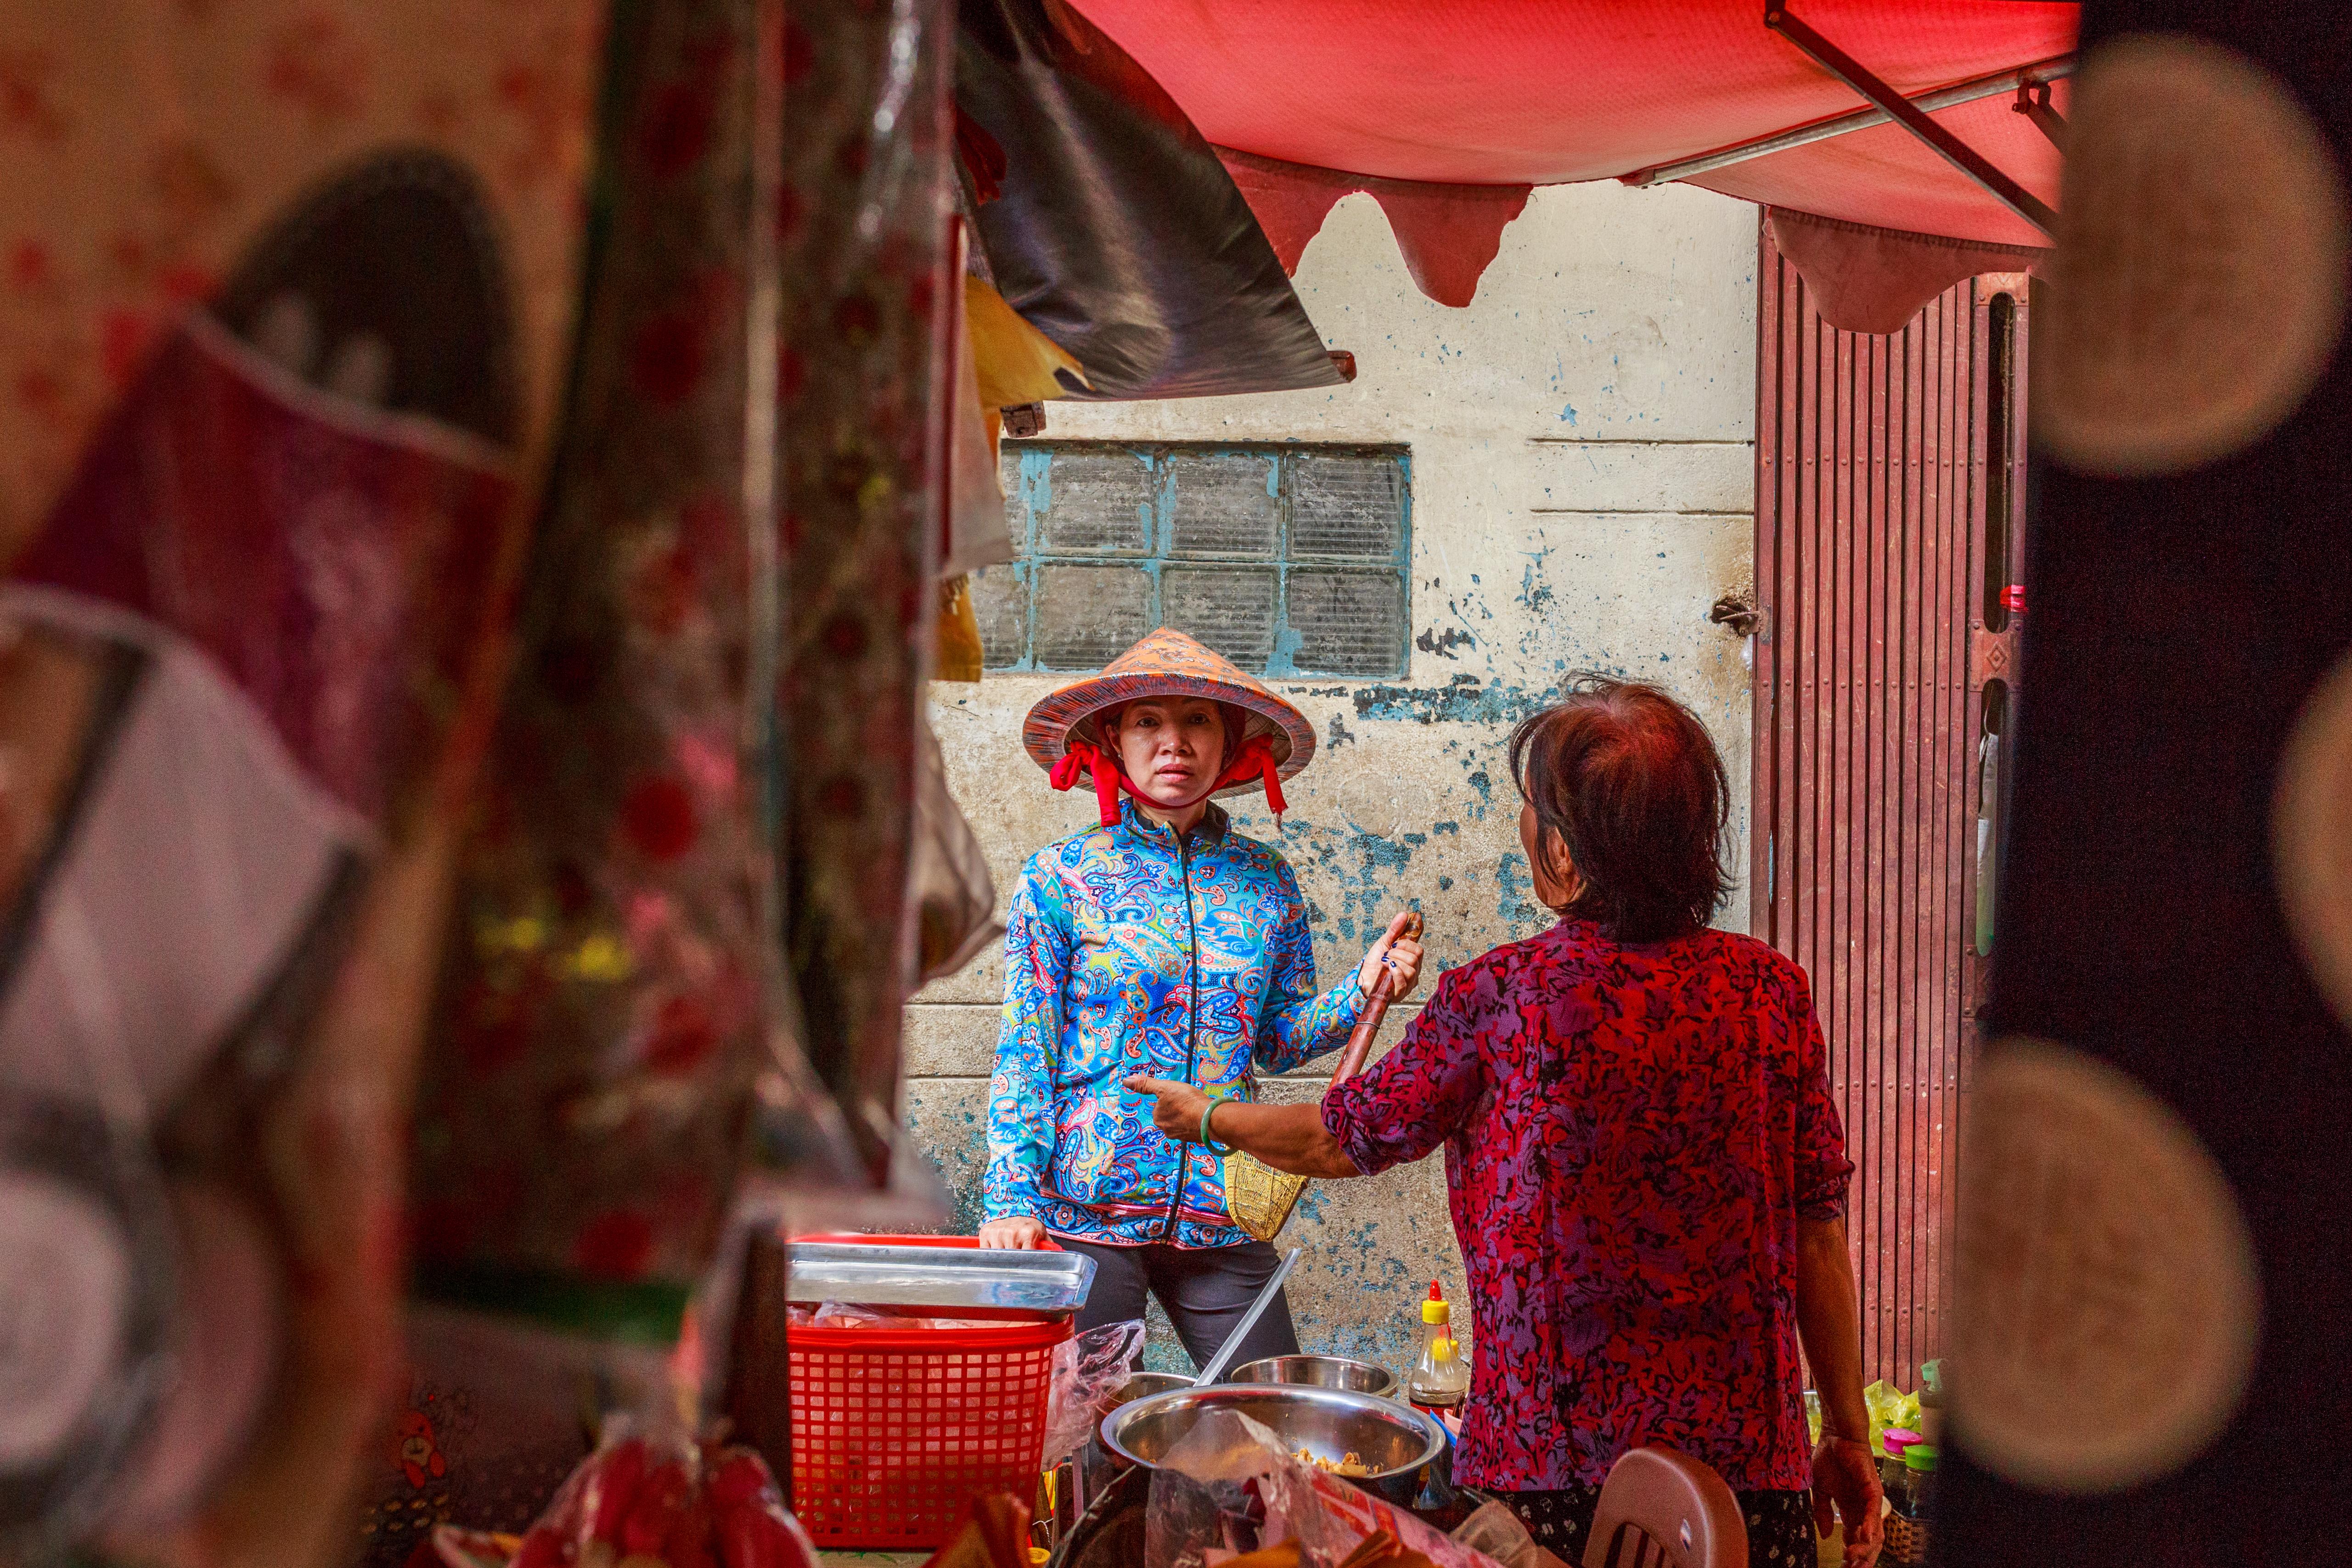 Taken in Cholon, Saigon, Vietnam